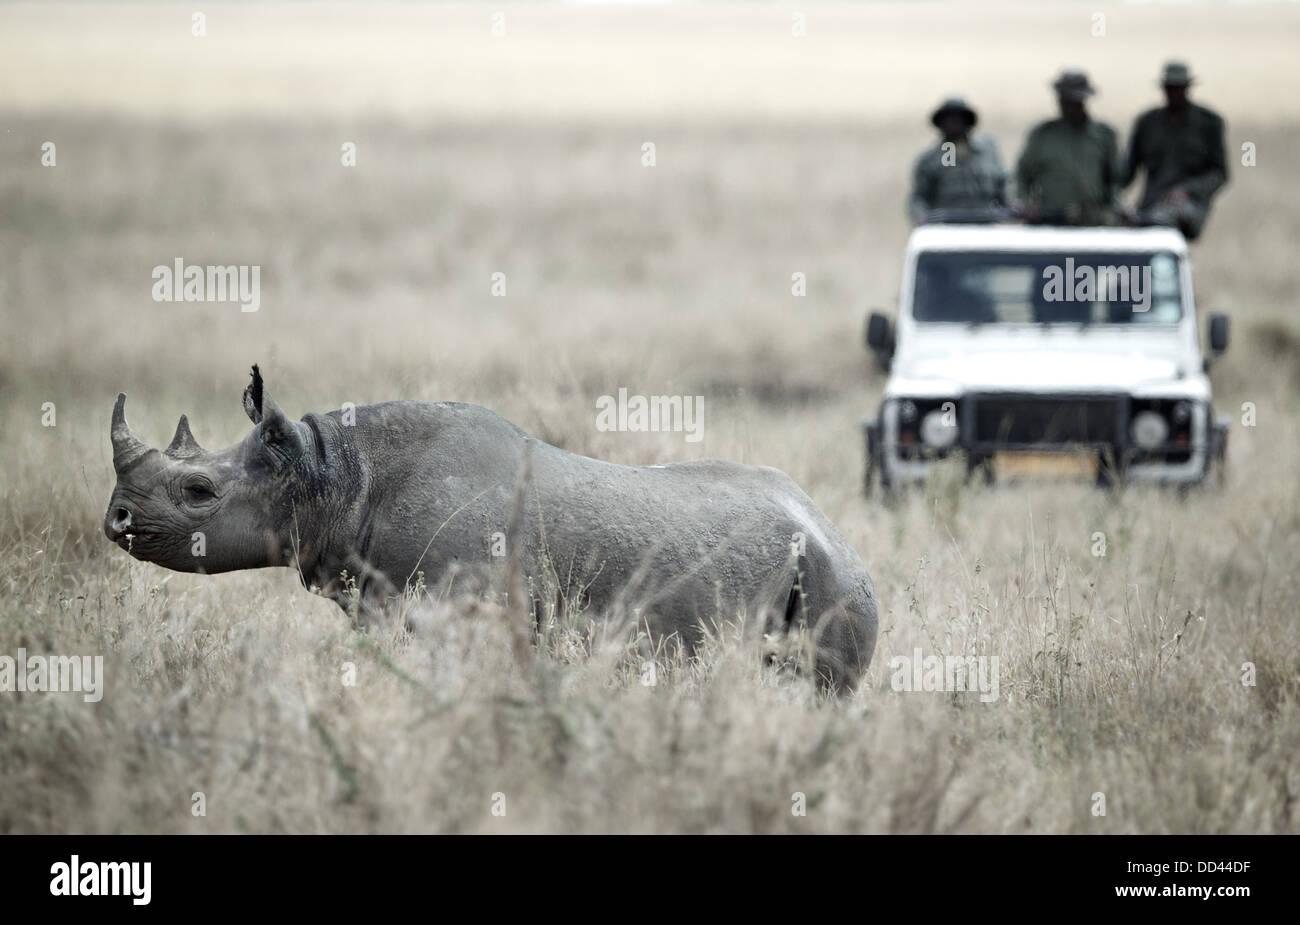 Un rinoceronte nero Diceros simum essendo mantenuta sotto attento monitoraggio da parco tanzaniano operai dal TANAPA Immagini Stock